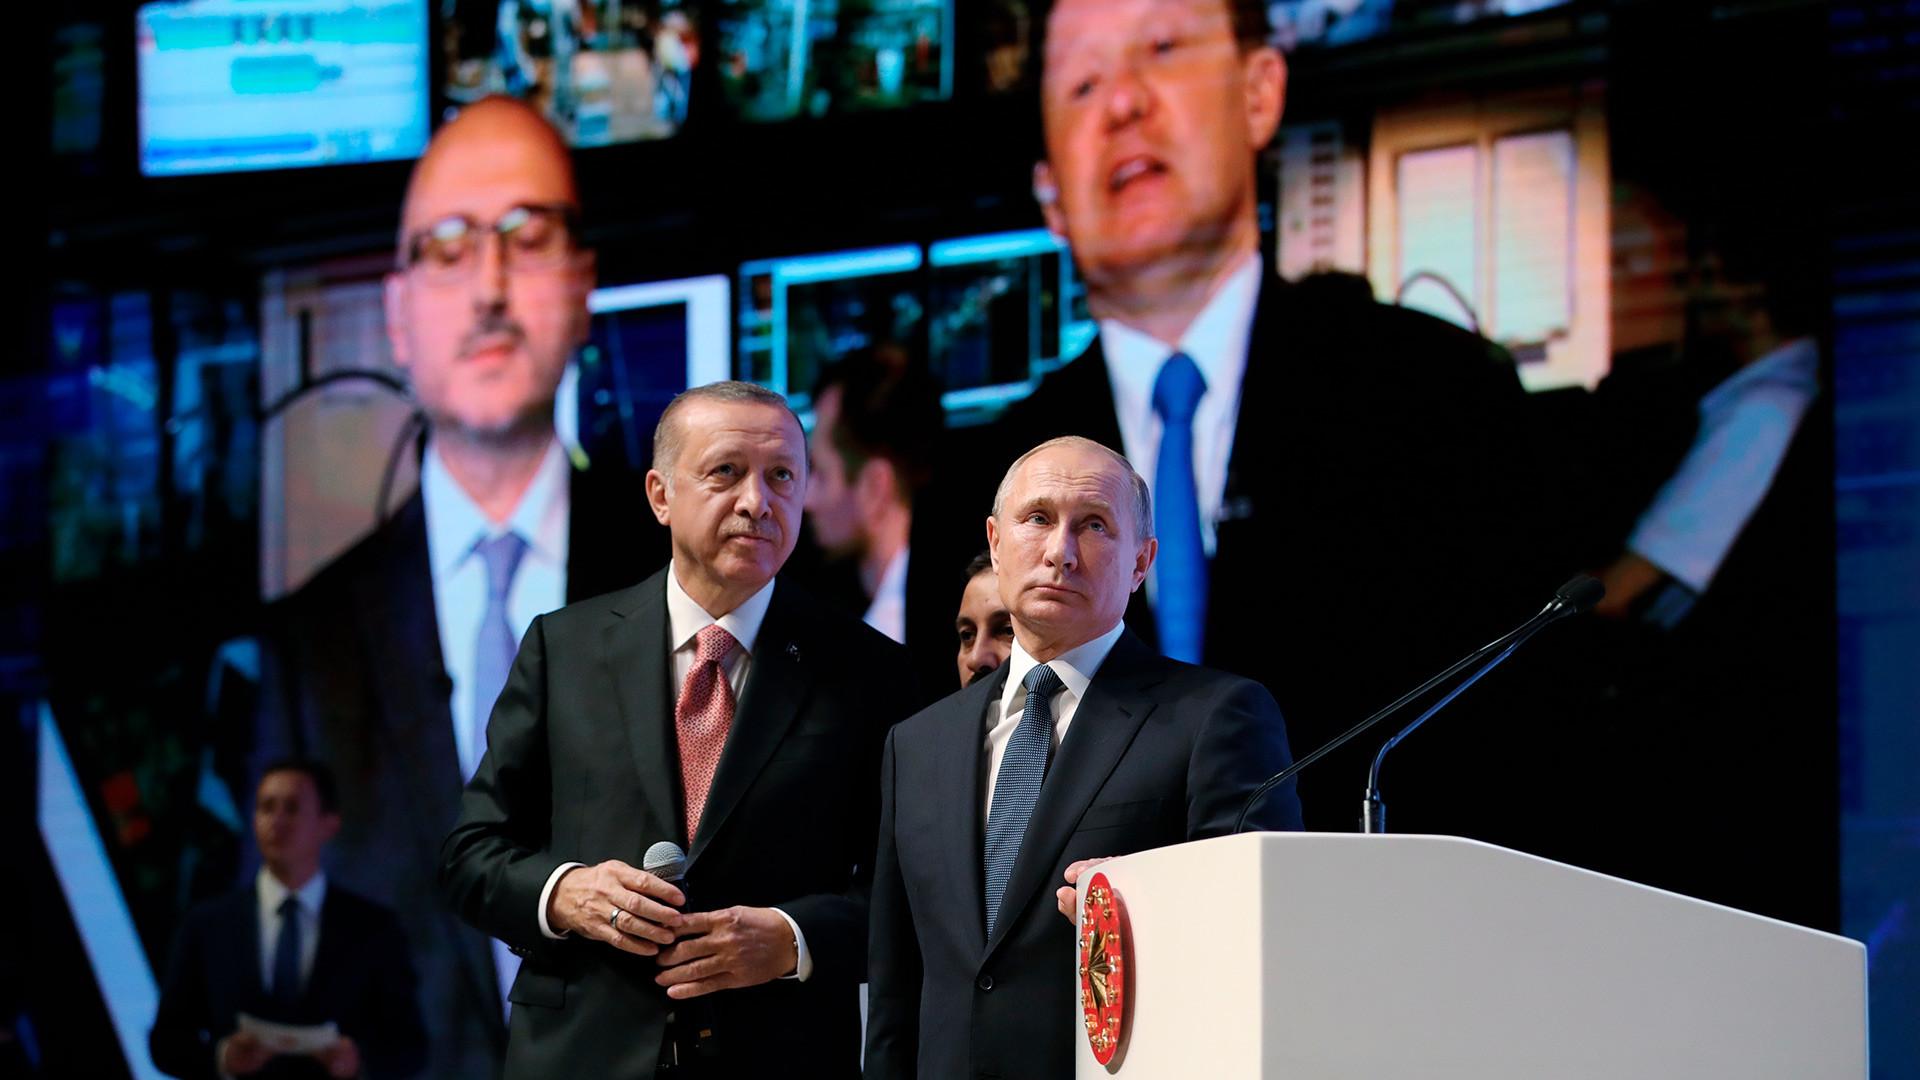 """Председник Русије Владимир Путин и председник Турске Реџеп Ердоган на церемонији завршетка поморске деонице гасовода """"Турски ток"""". У позадини је Алексеј Милер, шеф компаније """"Газпром""""."""